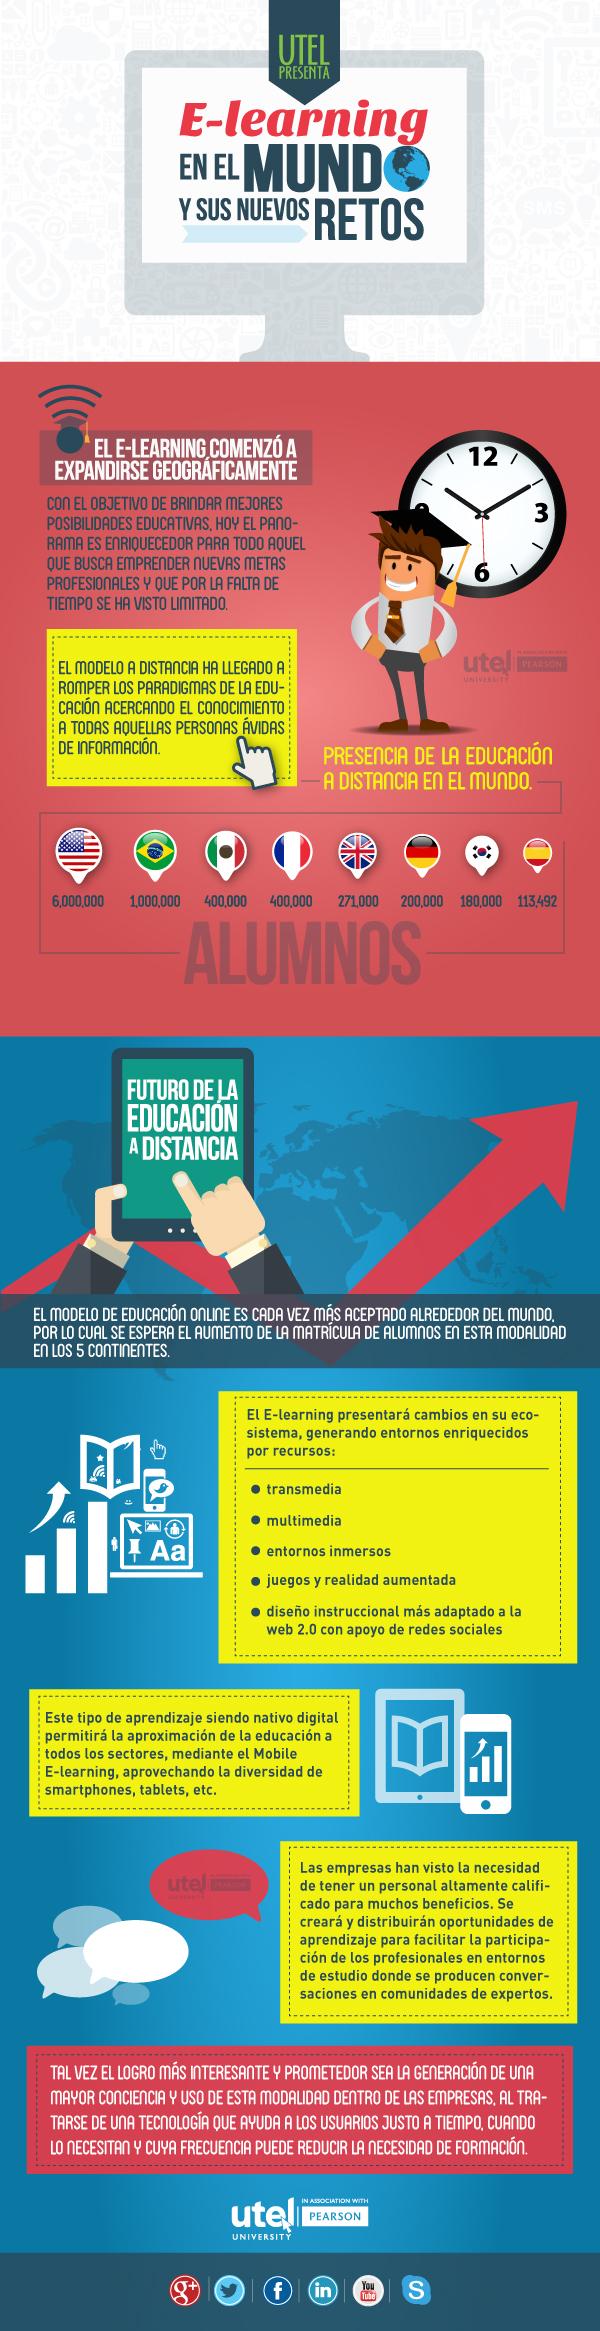 Infografia-E-Learning